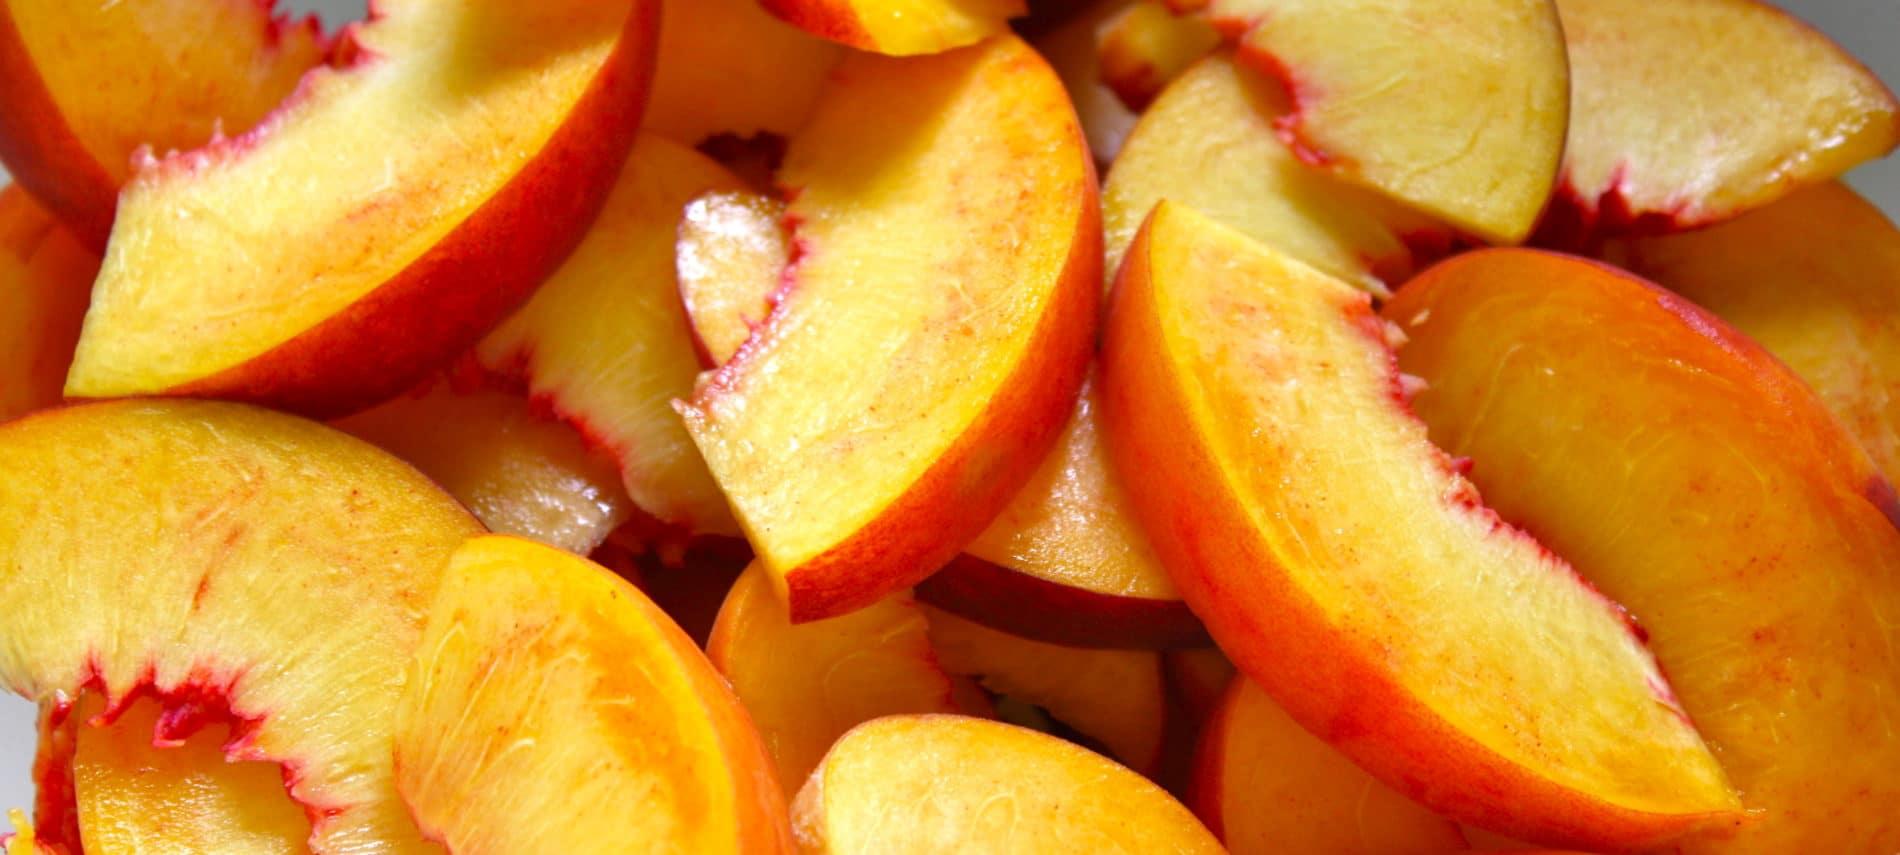 sliced peaches for peach BBQ sauce recipe.